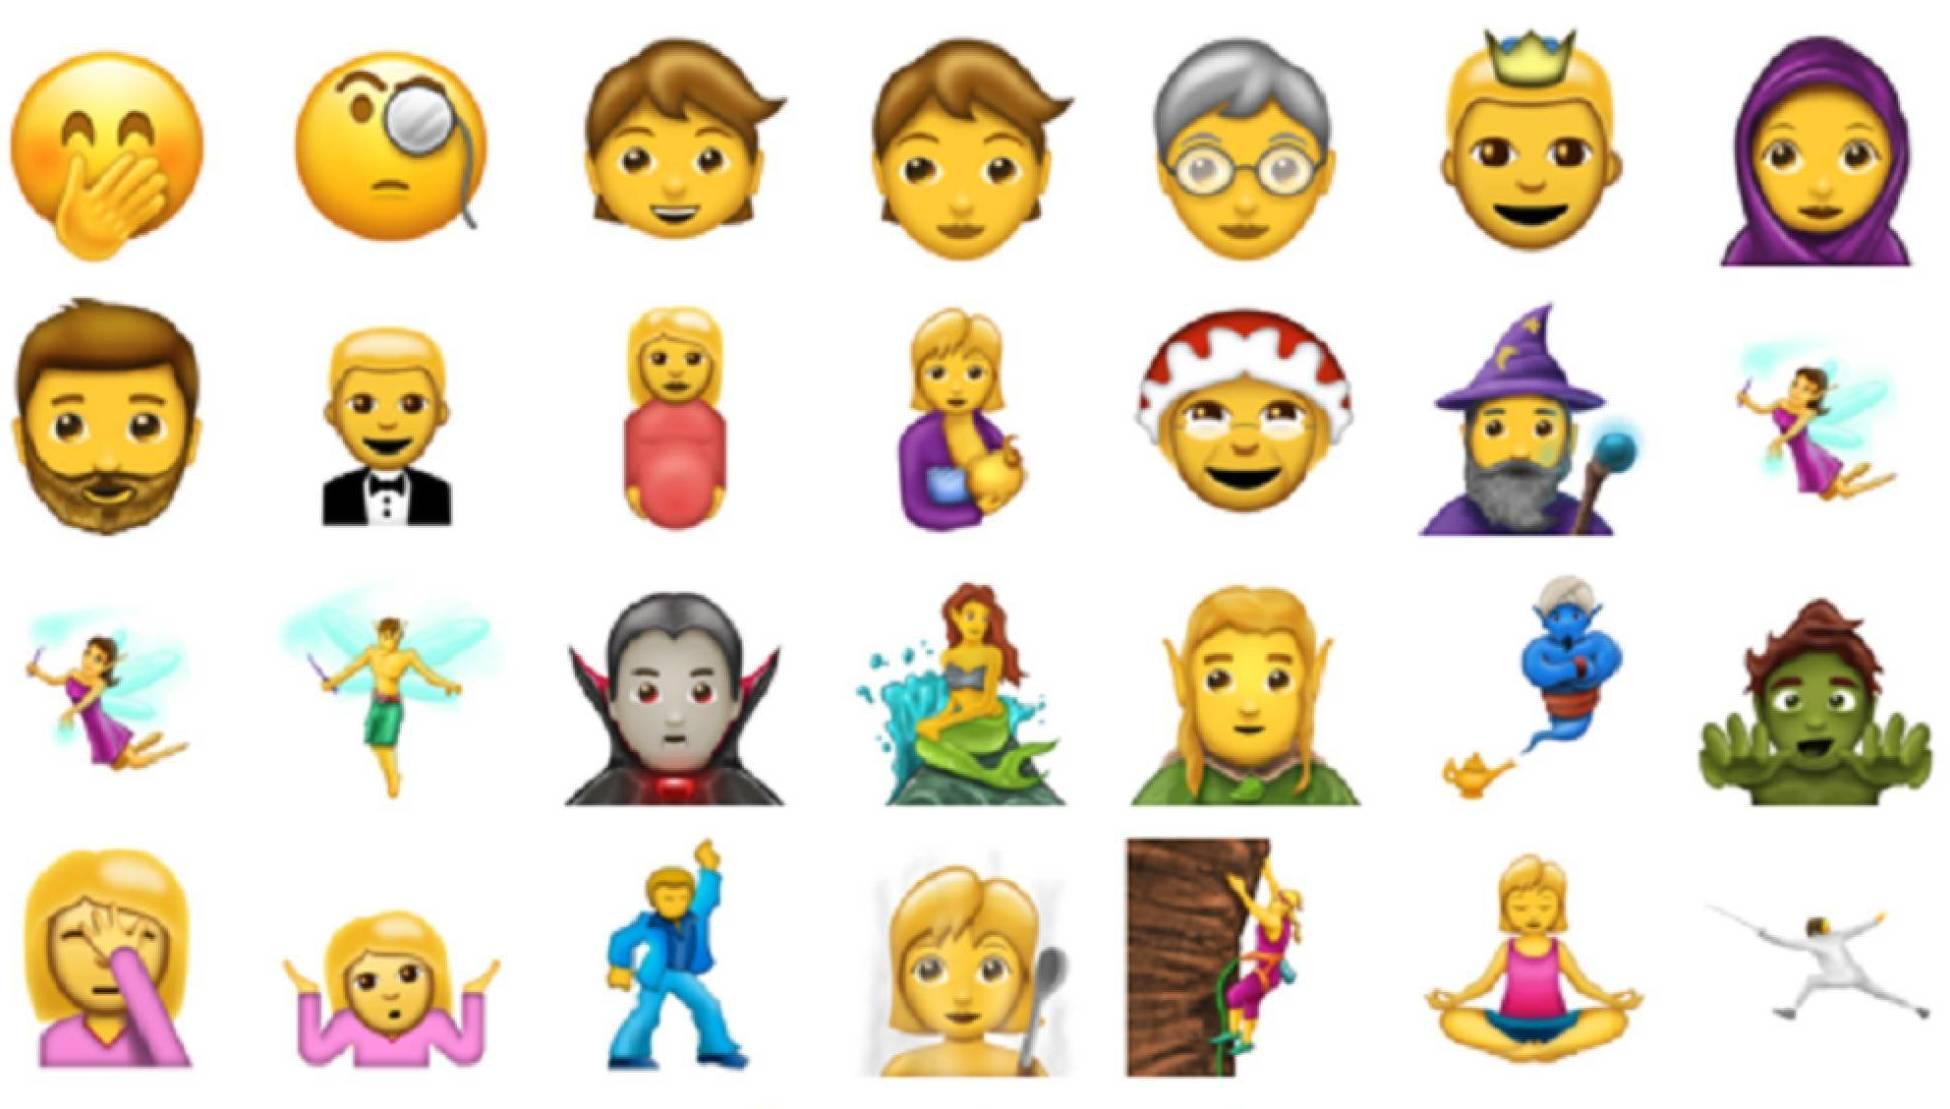 Descubre los nuevos 'emojis' para redes sociales